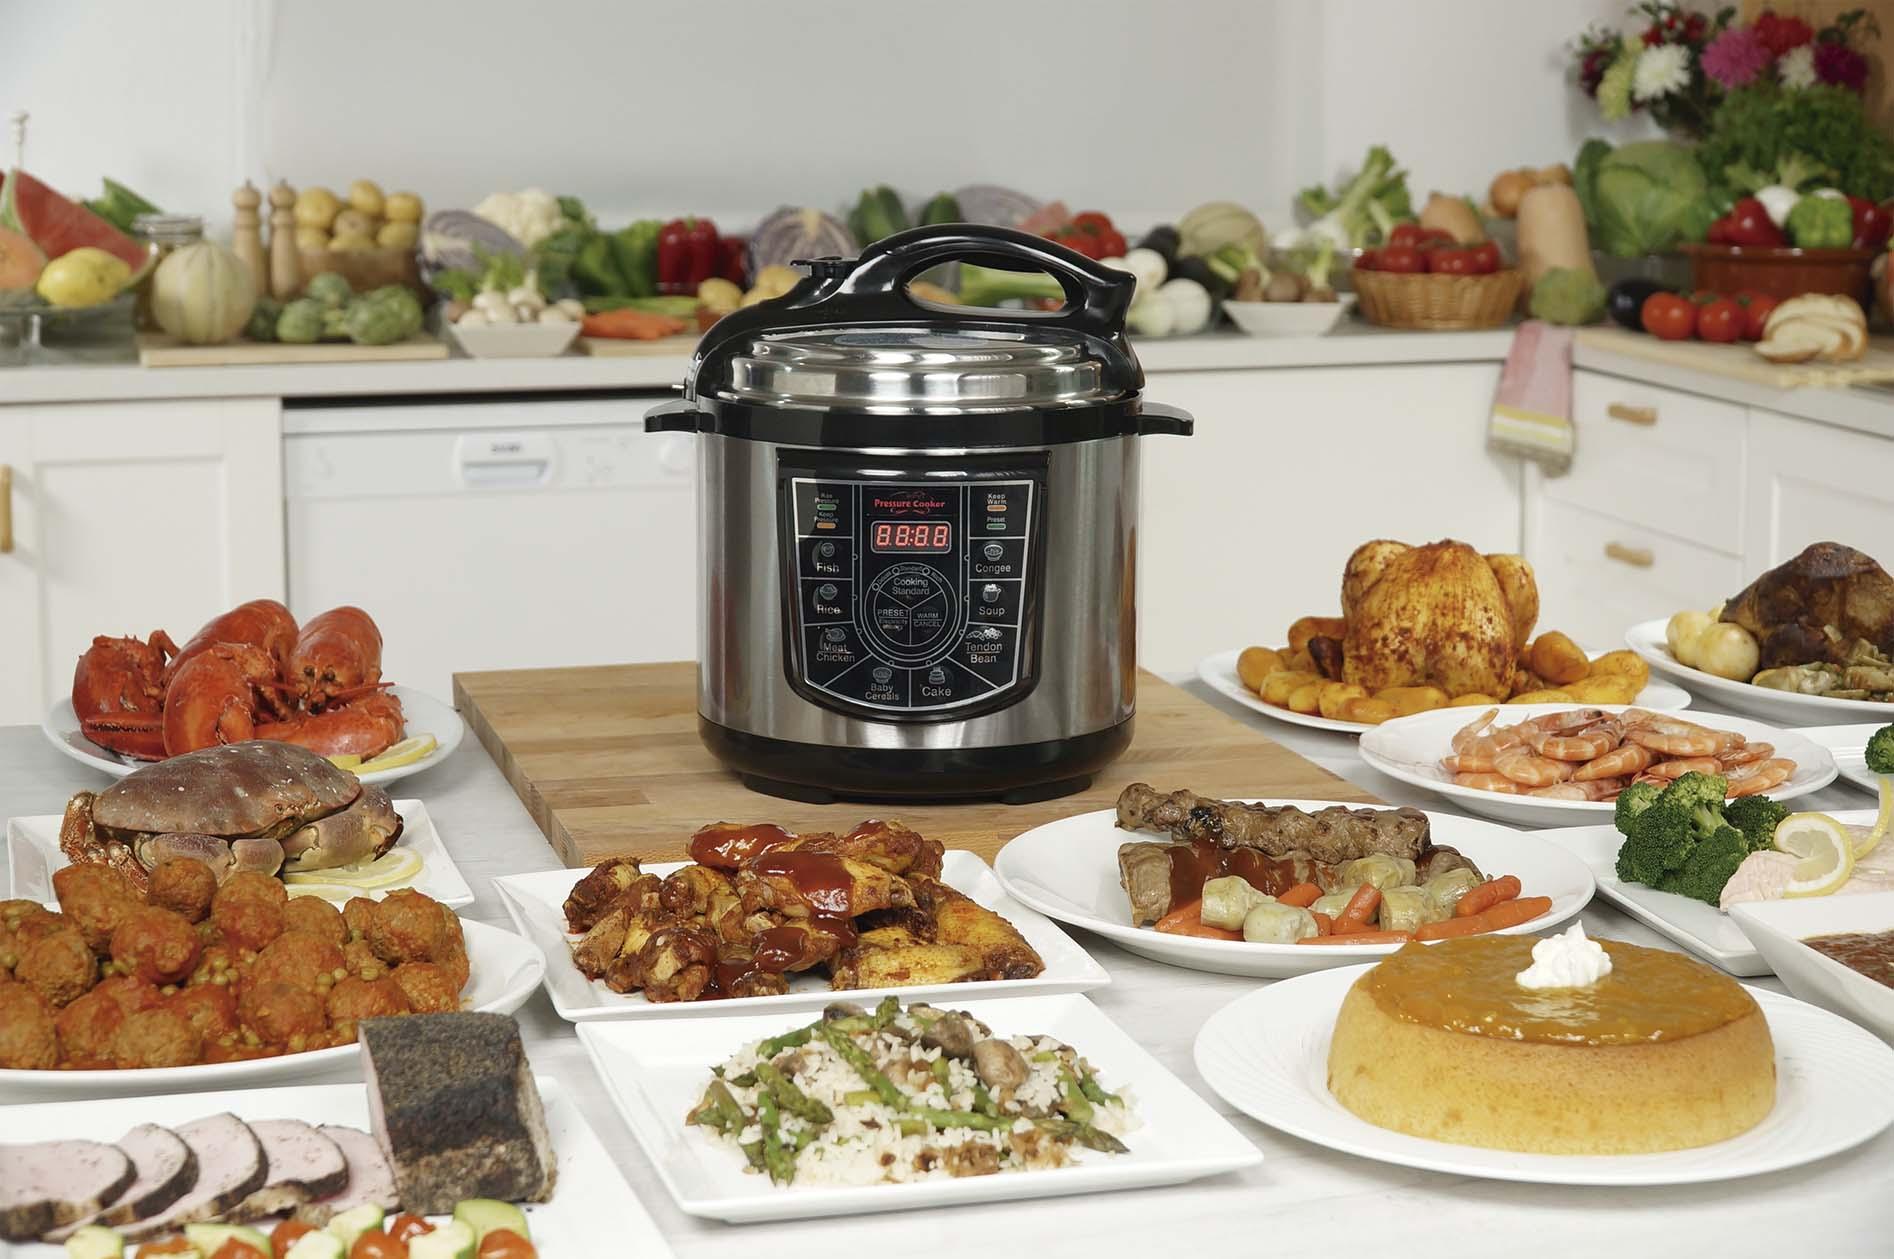 Questa pentola a pressione sta rivoluzionando il modo di cucinare di migliaia di persone